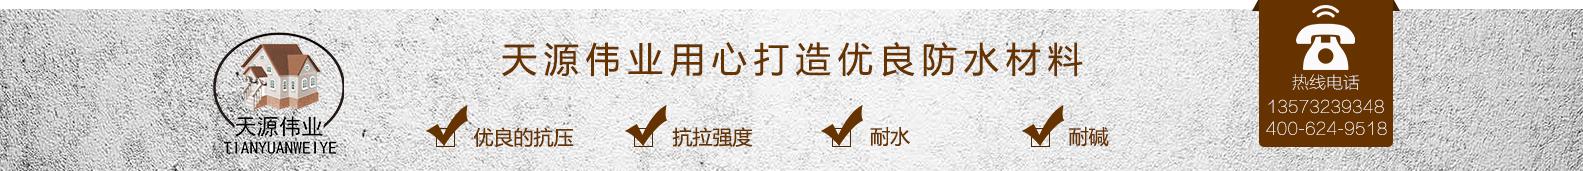 青岛防水维修